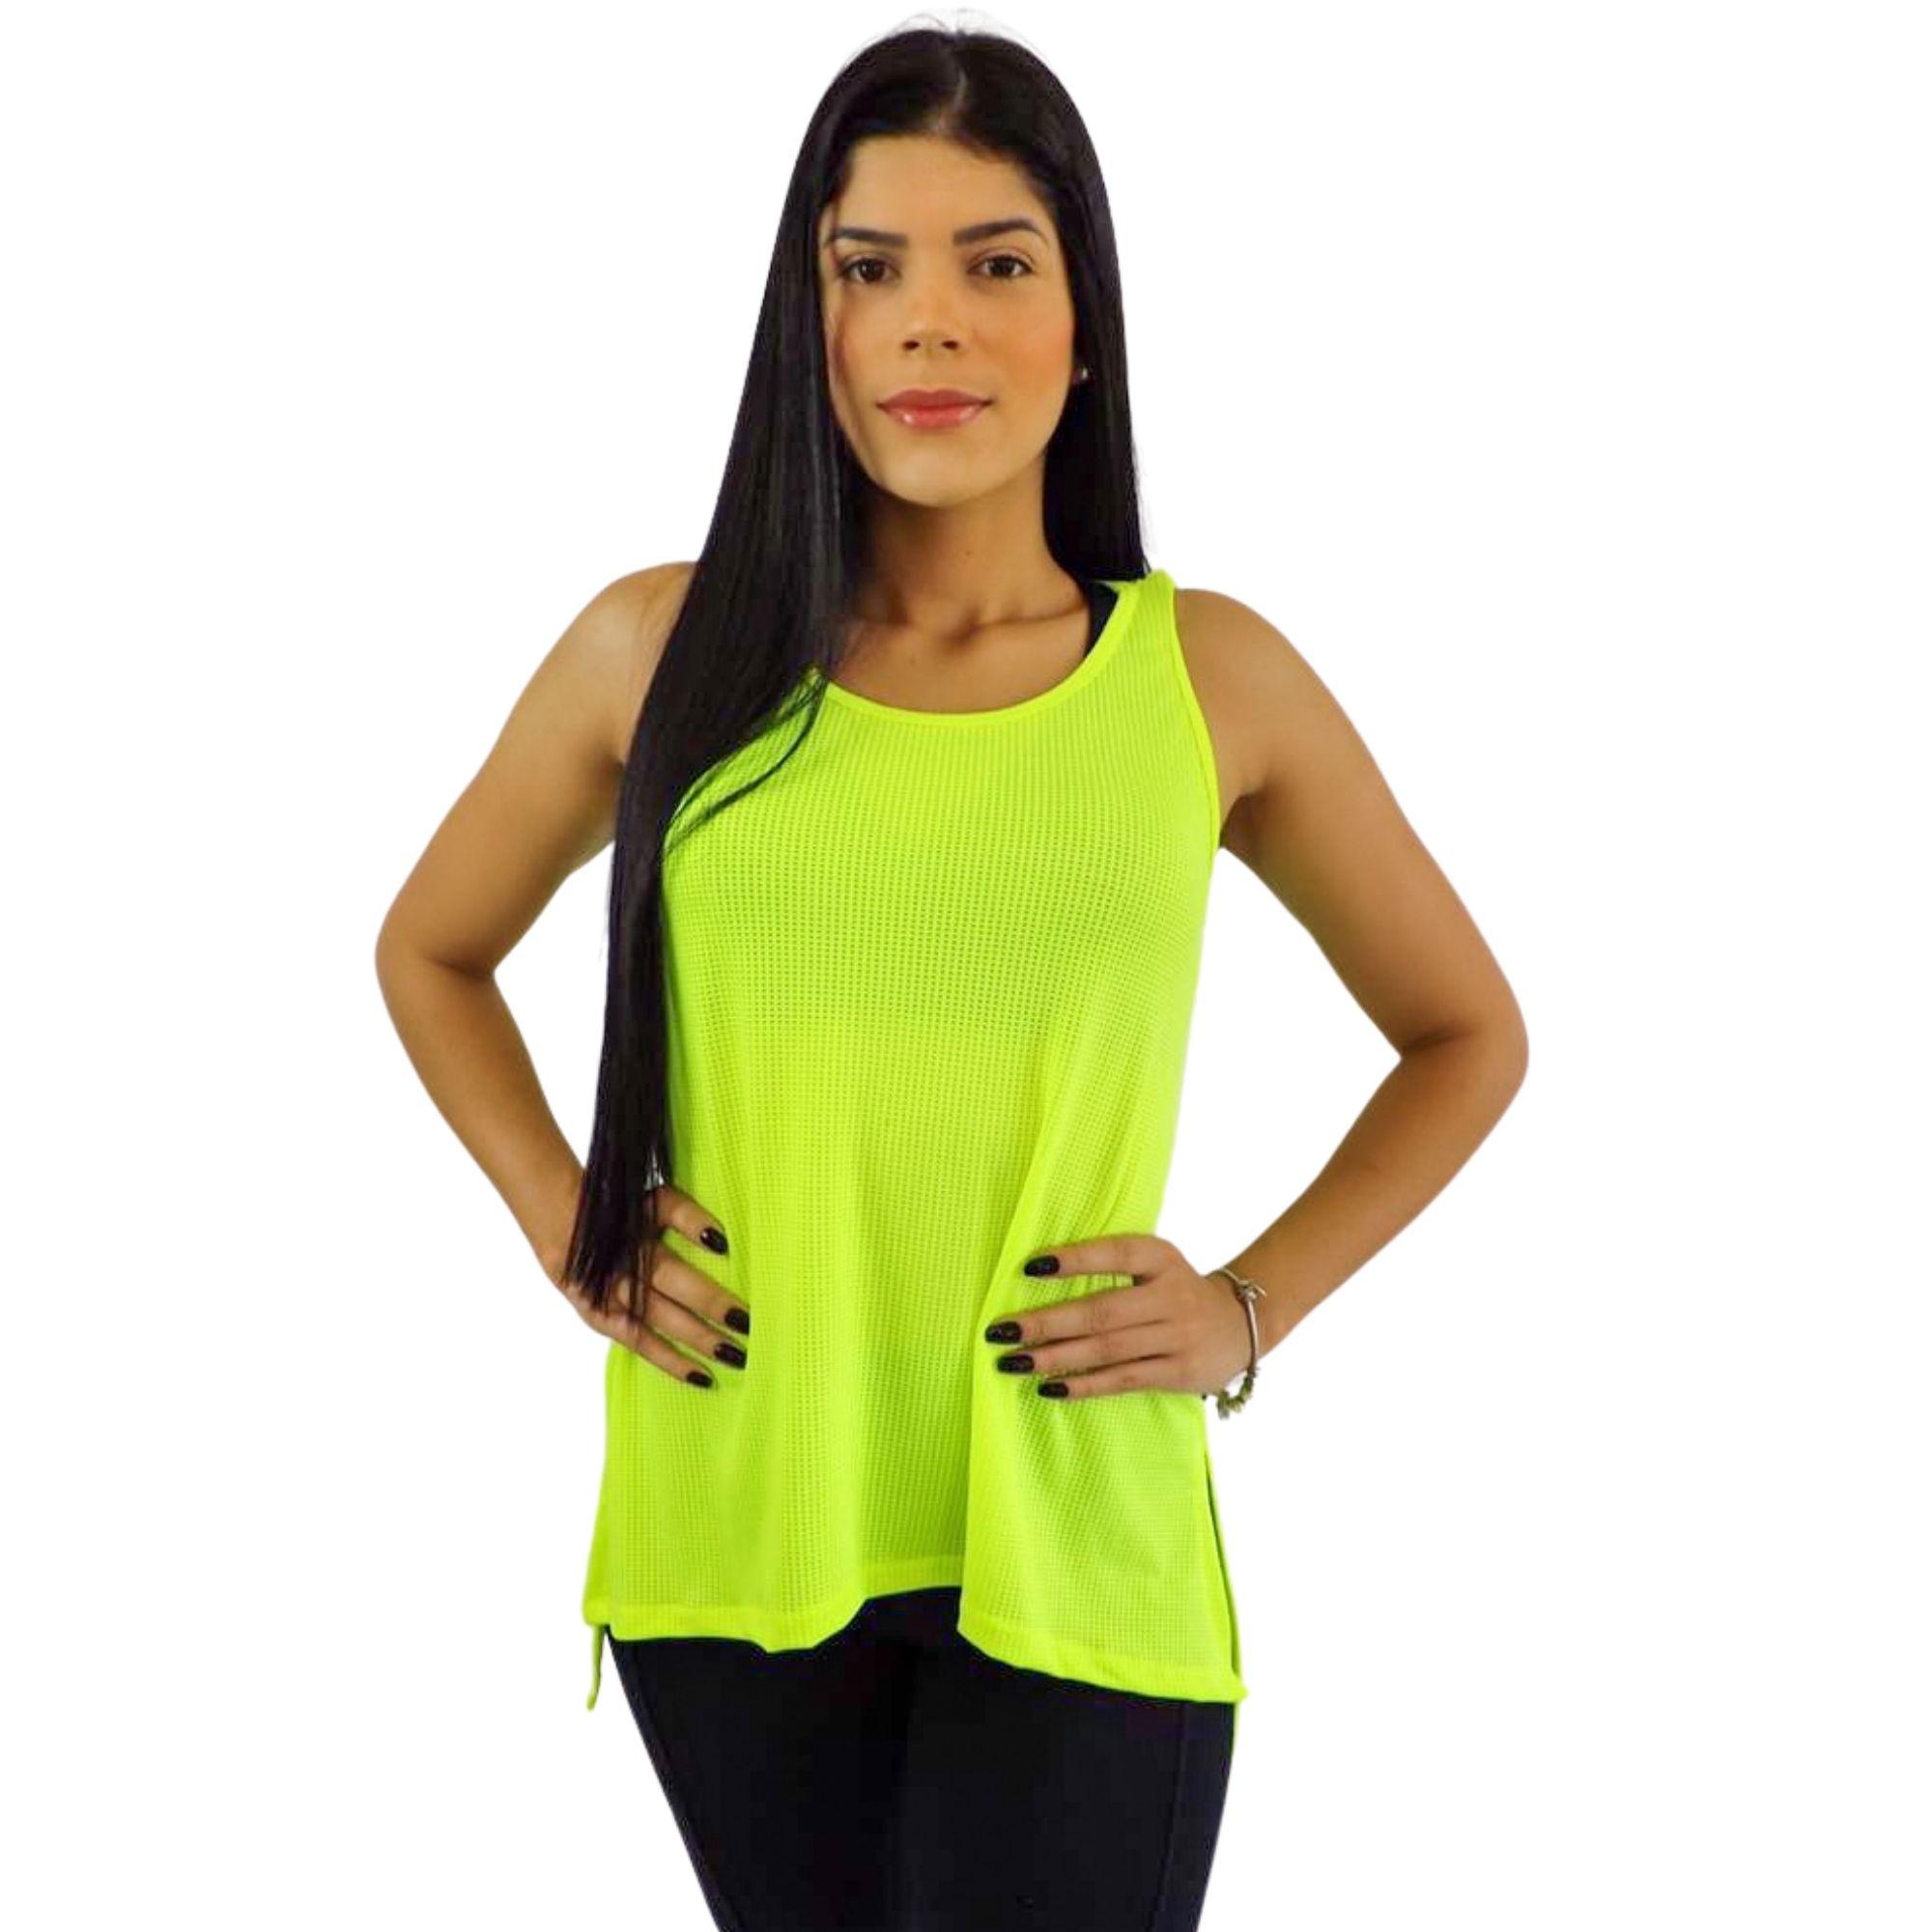 Camiseta Regata Feminina Dry Fit Amarela